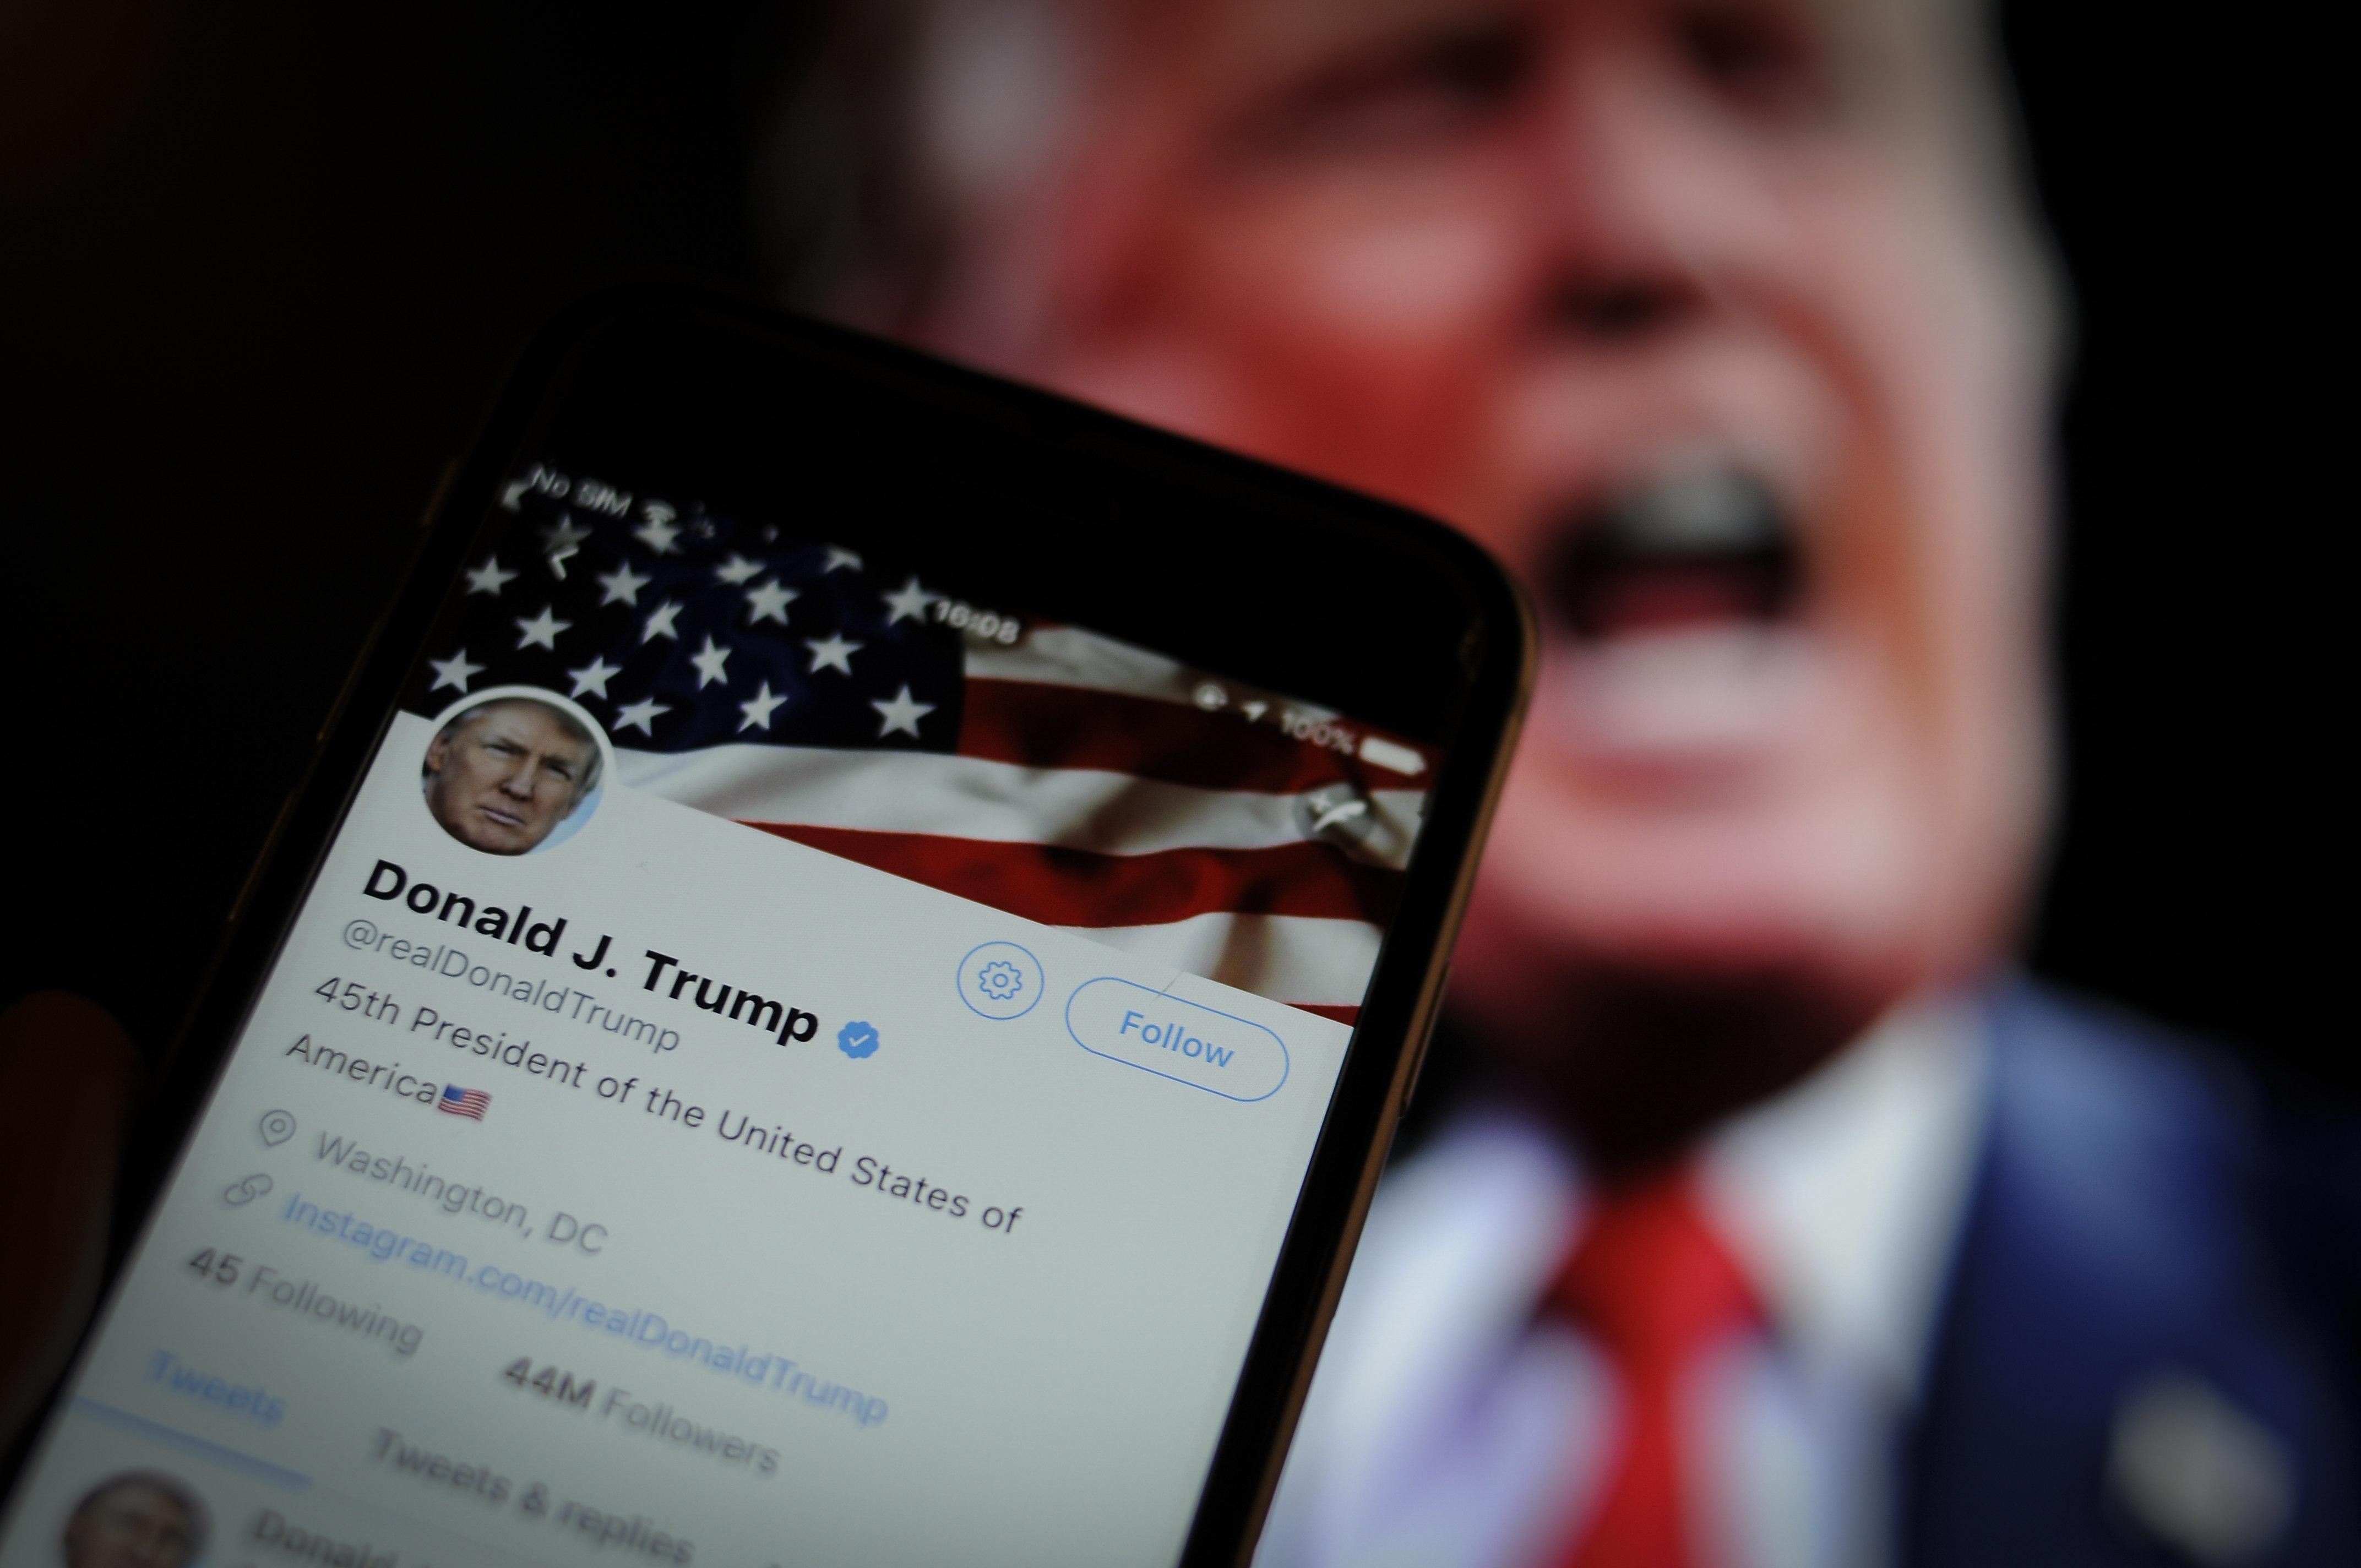 Trump n'a pas le droit de bloquer ceux qui le critiquent sur Twitter